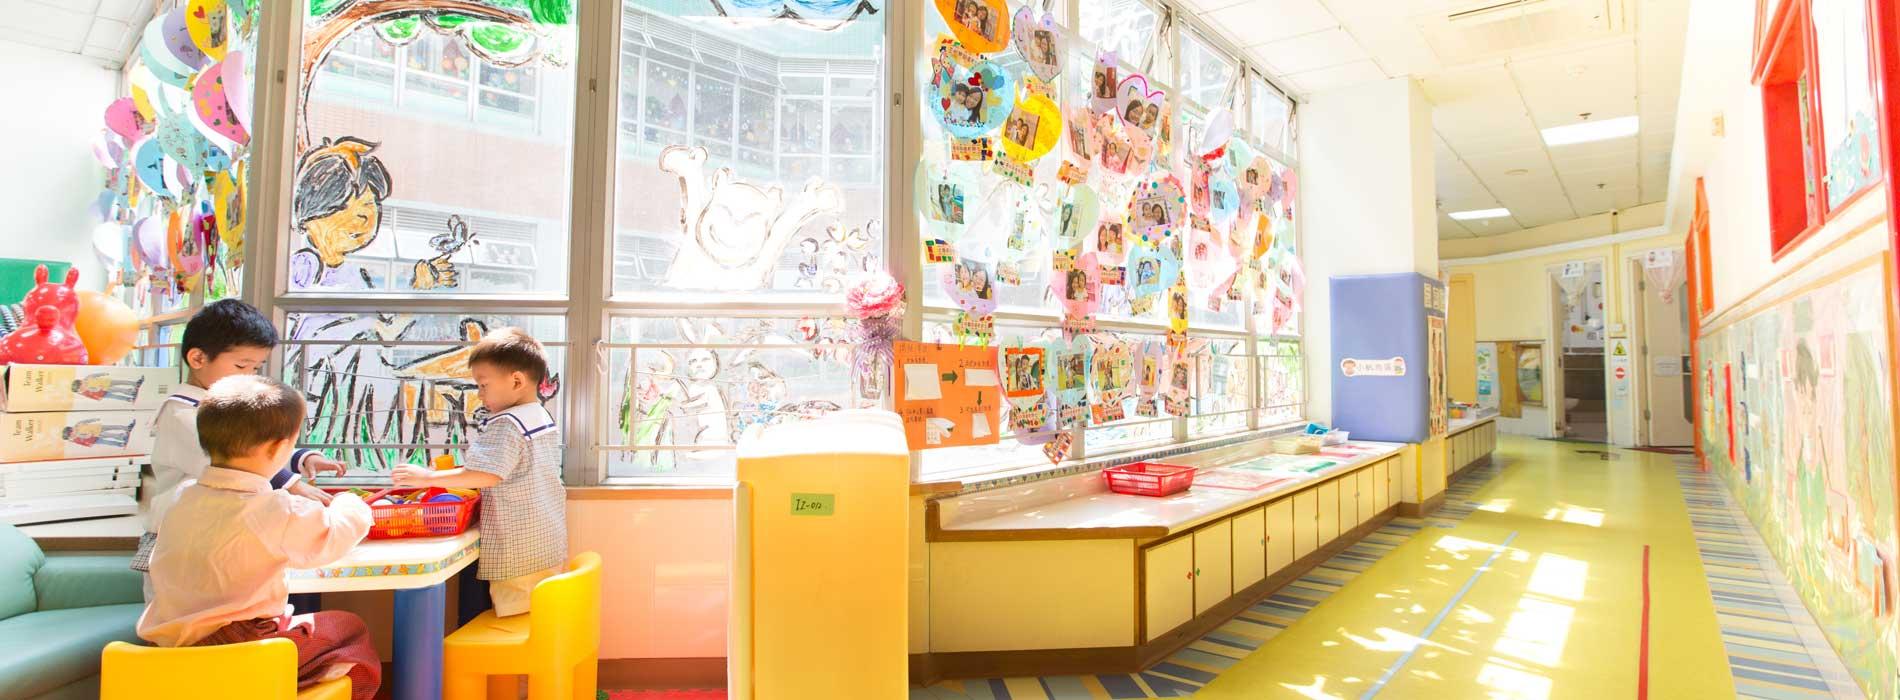 中華基督教青年會幼稚園下載專區頁面橫幅